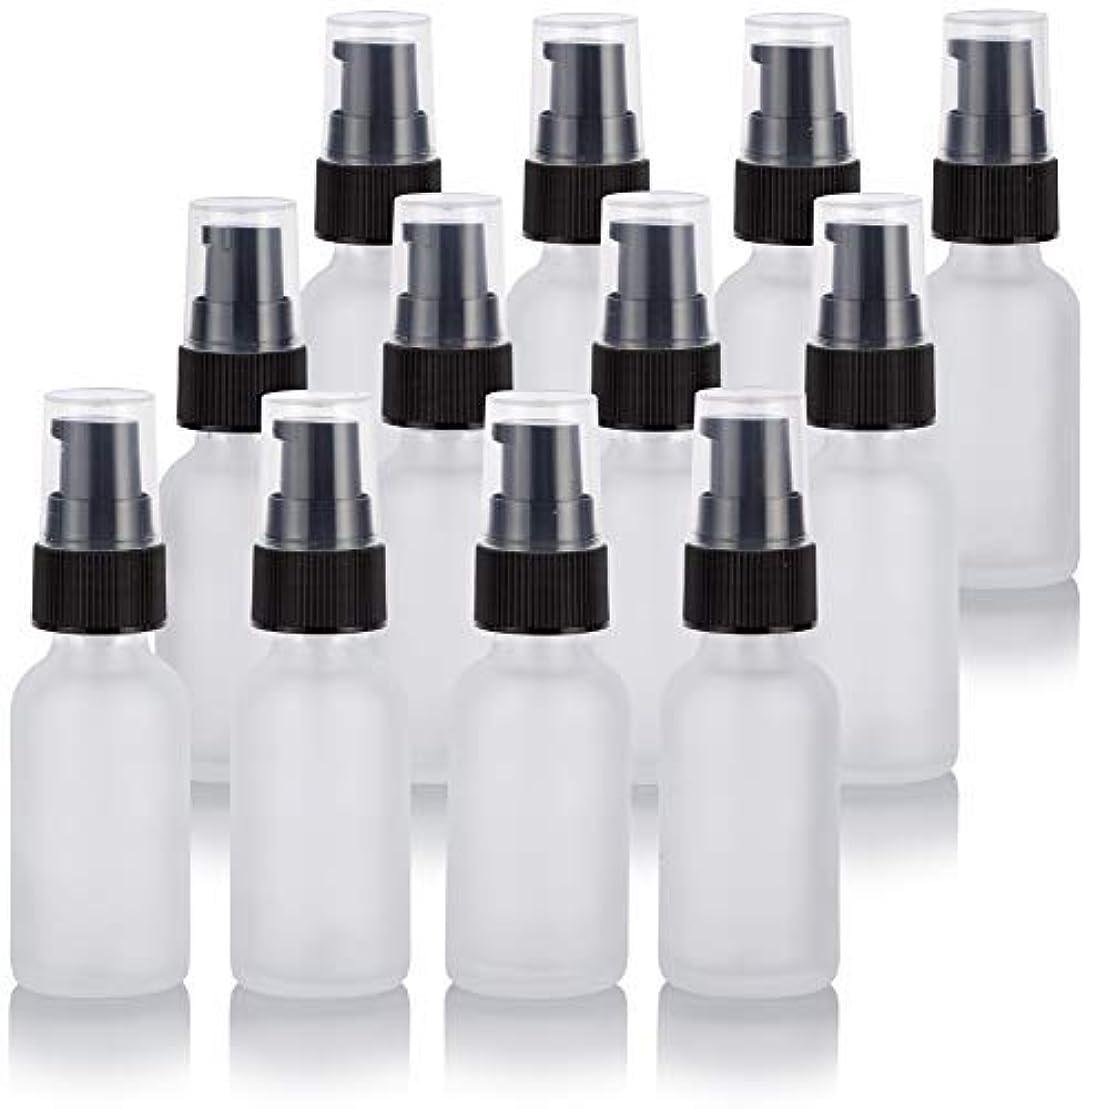 急降下約設定動かす1 oz Frosted Clear Glass Boston Round Treatment Pump Bottle (12 Pack) + Funnel for Cosmetics, serums, Essential...